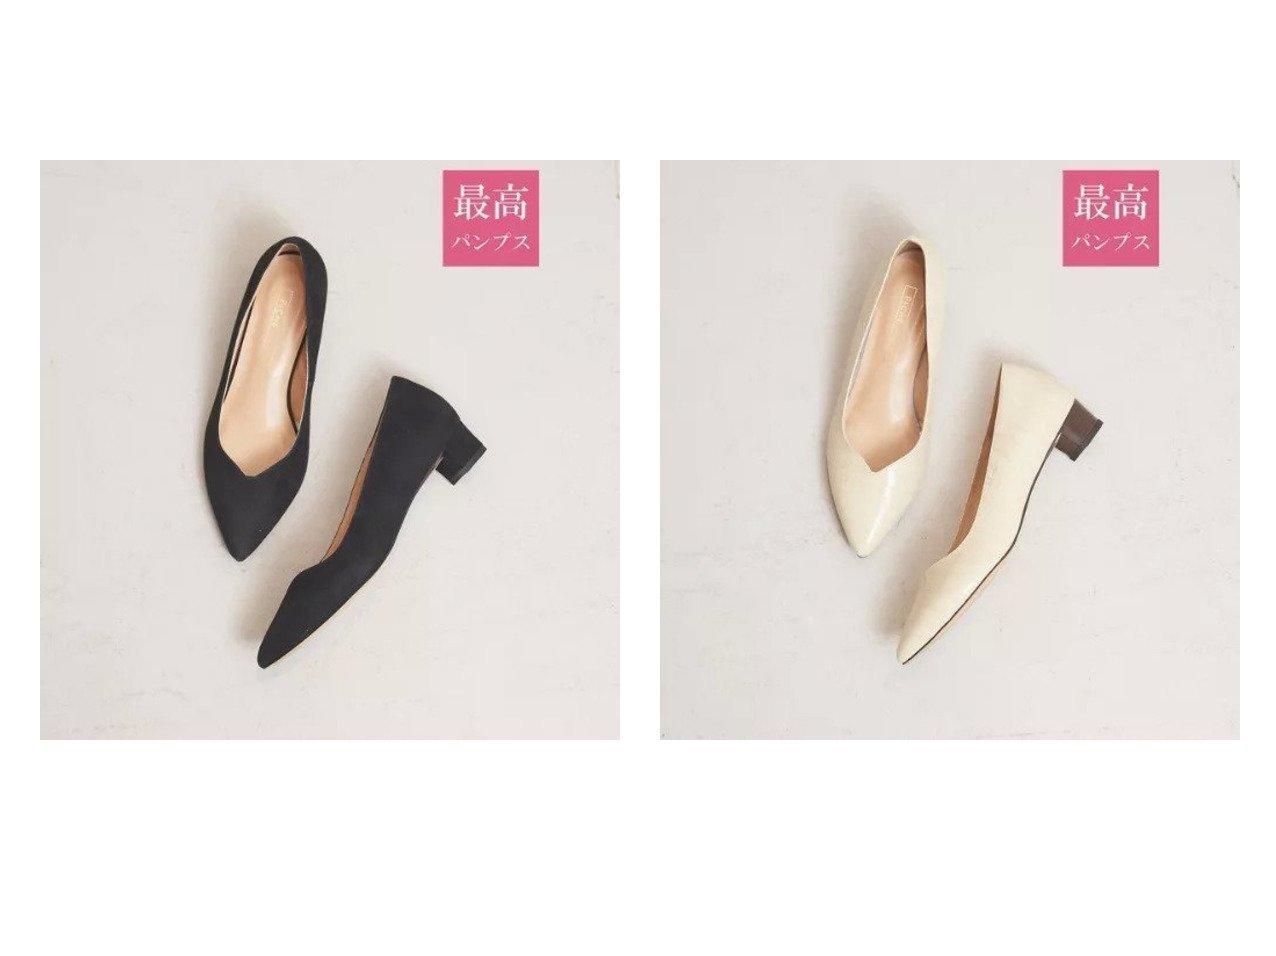 【Piche Abahouse/ピシェ アバハウス】の【最高パンプス/3cmヒール】美脚 快適 パンプス 【シューズ・靴】おすすめ!人気、トレンド・レディースファッションの通販 おすすめで人気の流行・トレンド、ファッションの通販商品 メンズファッション・キッズファッション・インテリア・家具・レディースファッション・服の通販 founy(ファニー) https://founy.com/ ファッション Fashion レディースファッション WOMEN インソール カッティング クッション シューズ スタイリッシュ 定番 Standard 人気 フィット ブロック おすすめ Recommend |ID:crp329100000030409